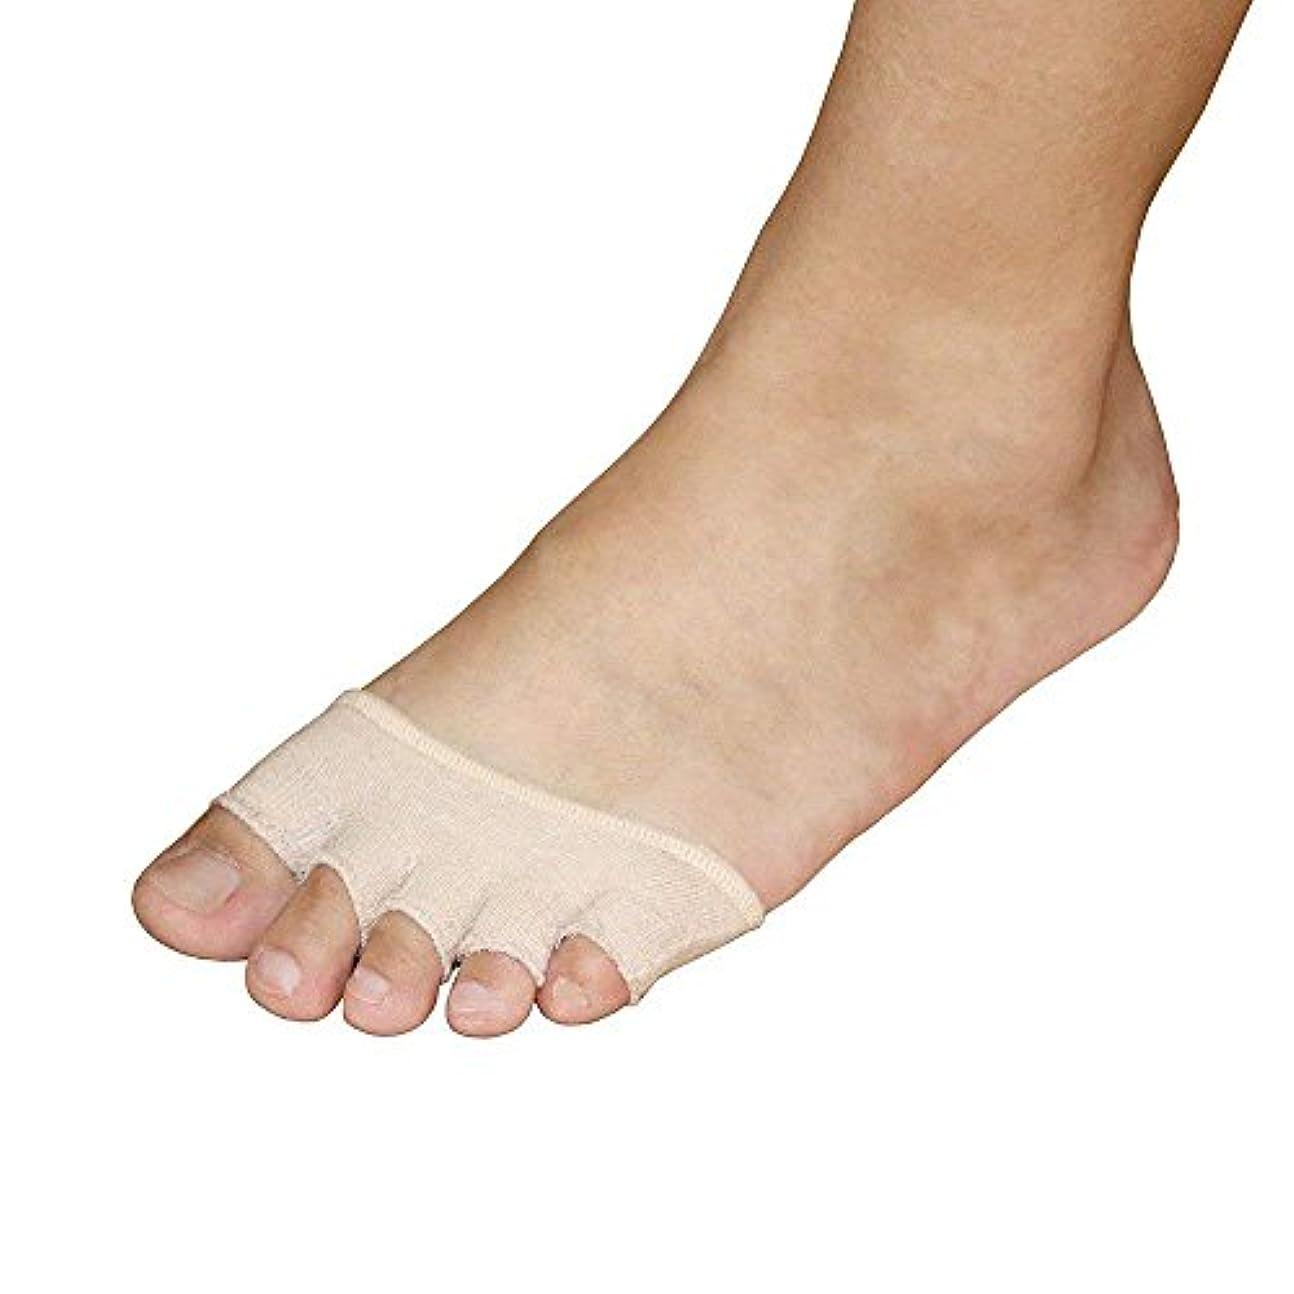 よく話される発行派生する2組のつま先靴下用女性表示なし、つま先スリーブ付きリリーフ痛みブリスター付きブーツクッションハイヒールスニーカーサンダル